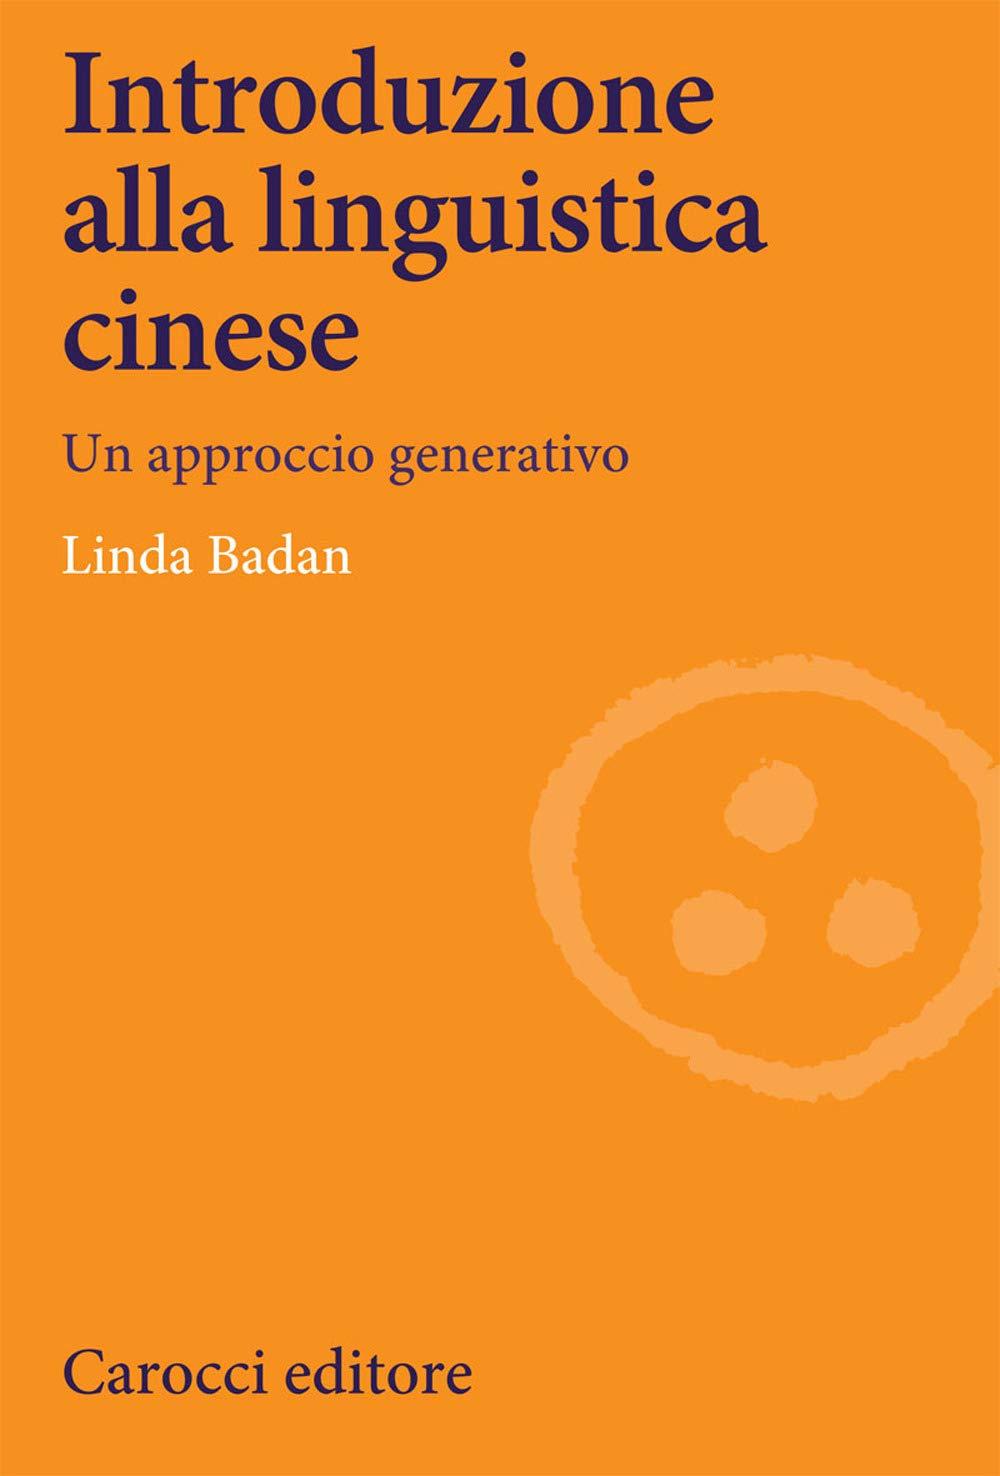 Introduzione alla linguistica cinese